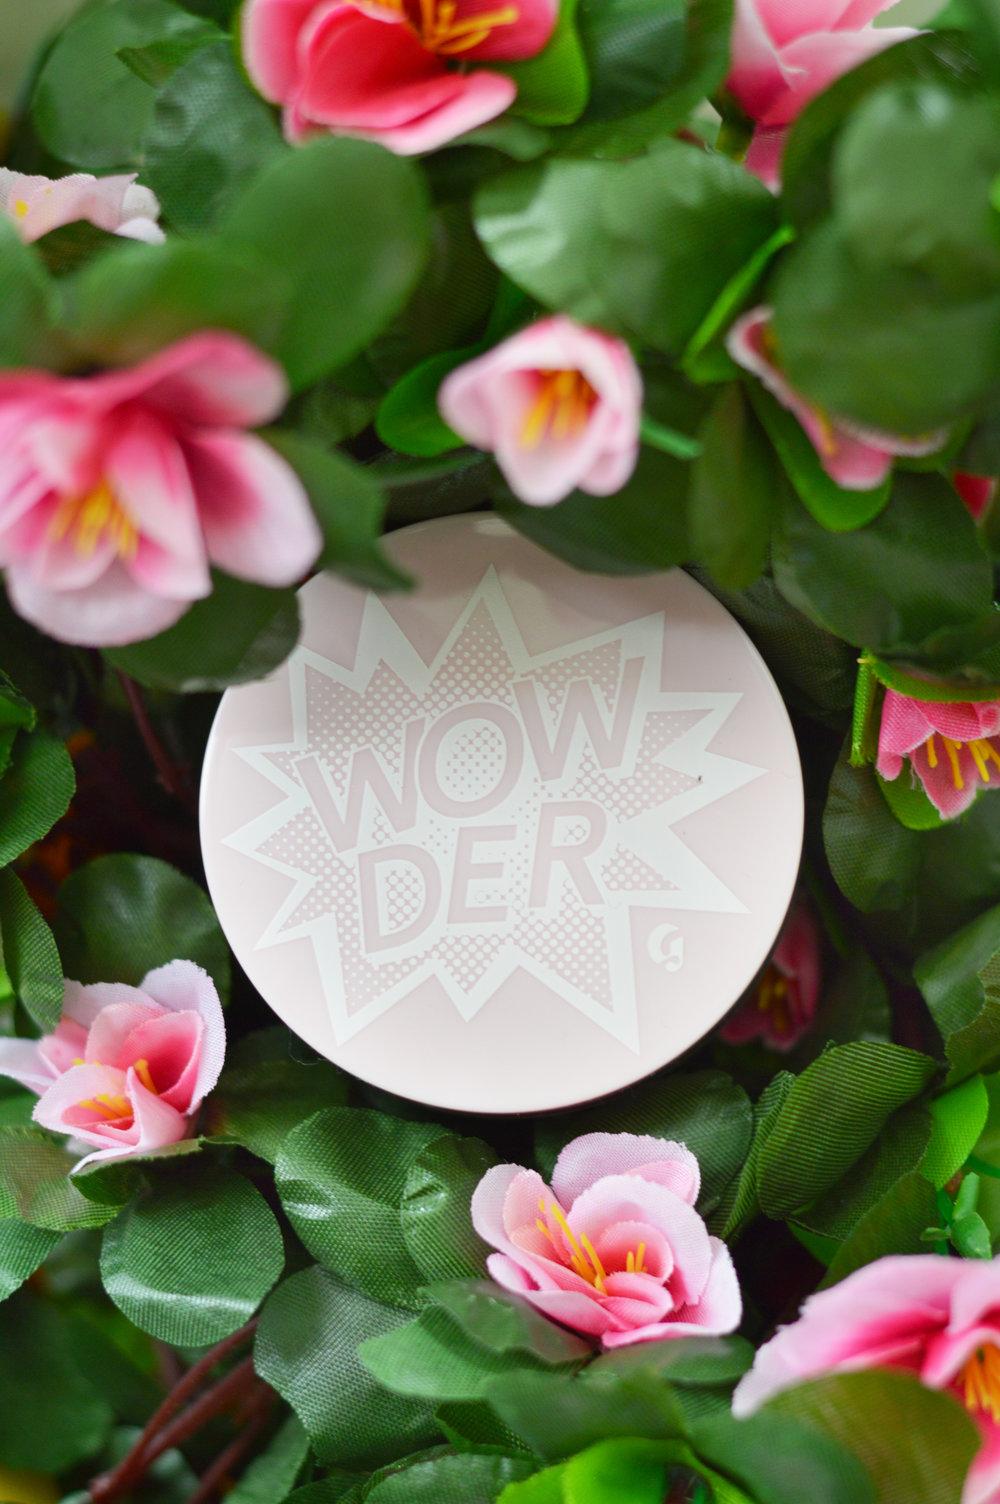 wowder glossier